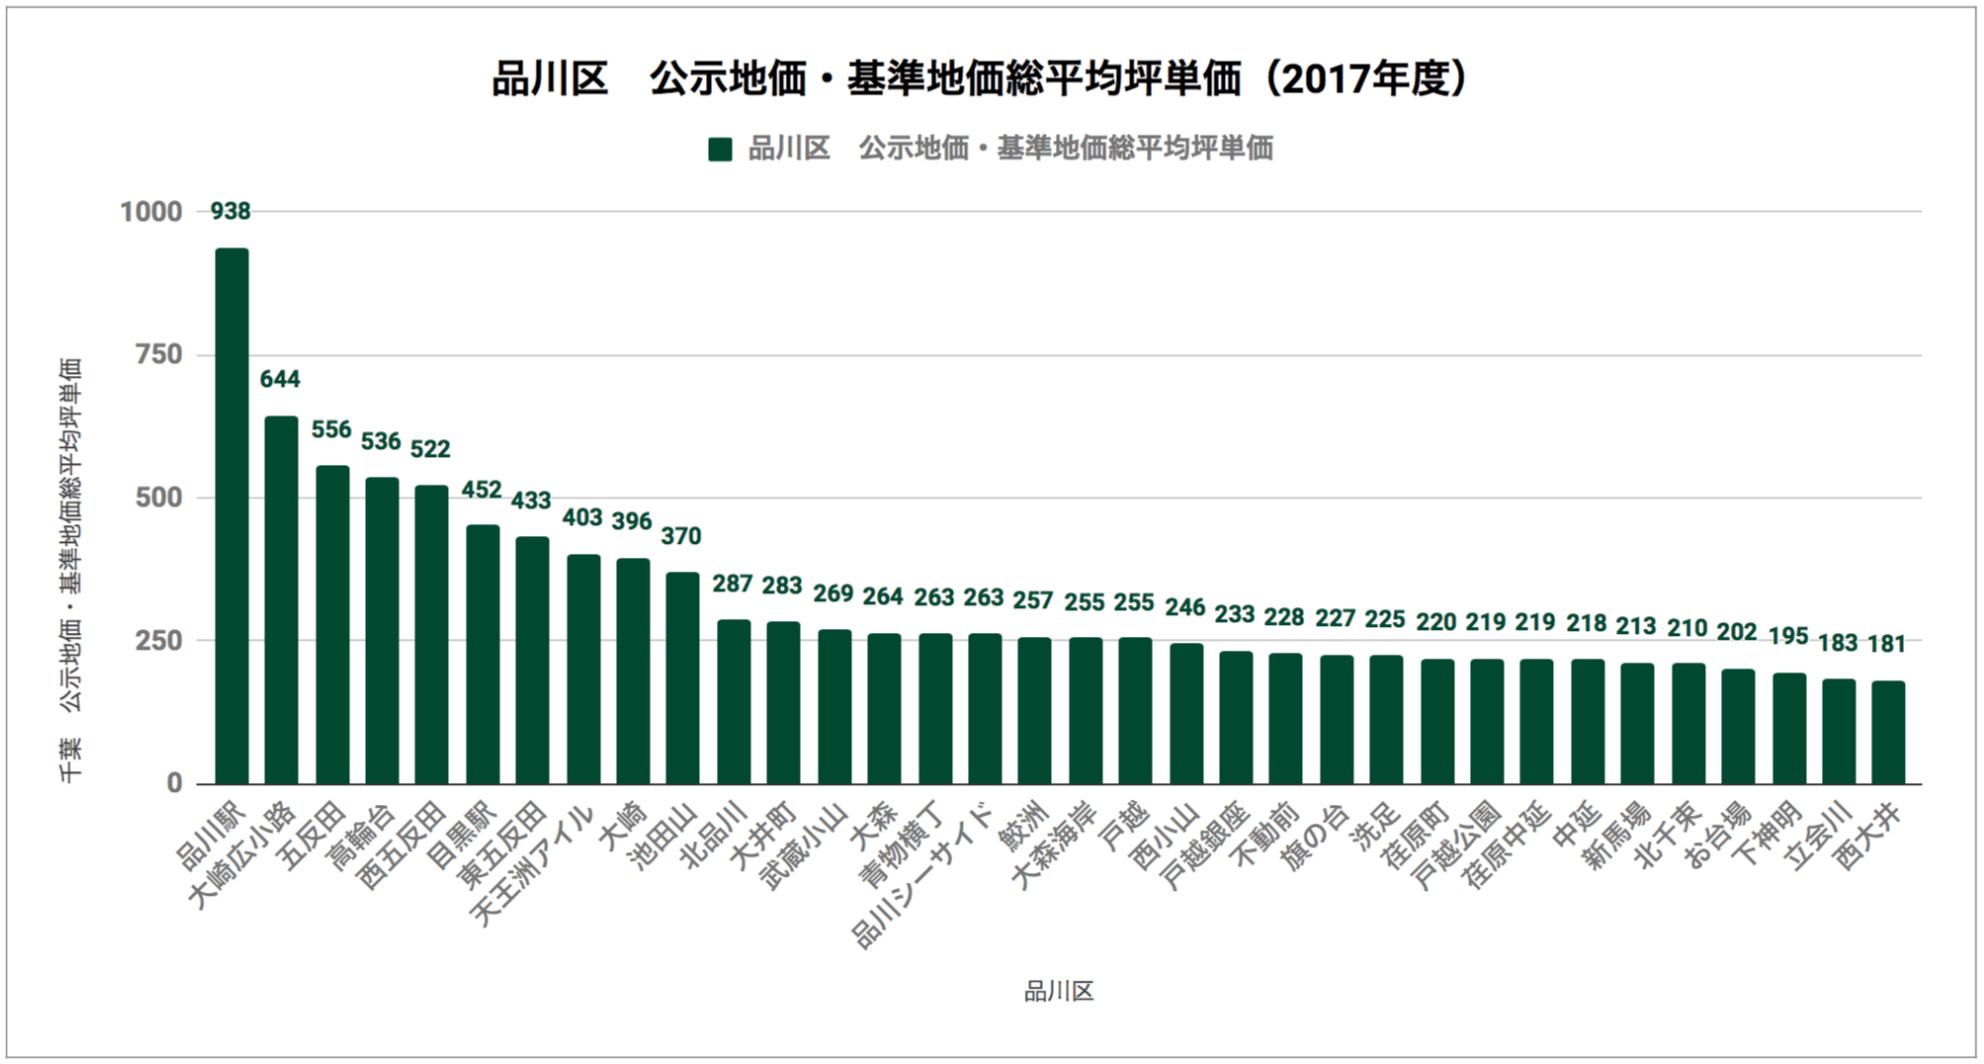 品川区「公示地価・基準地価総平均坪単価(2017年度)」